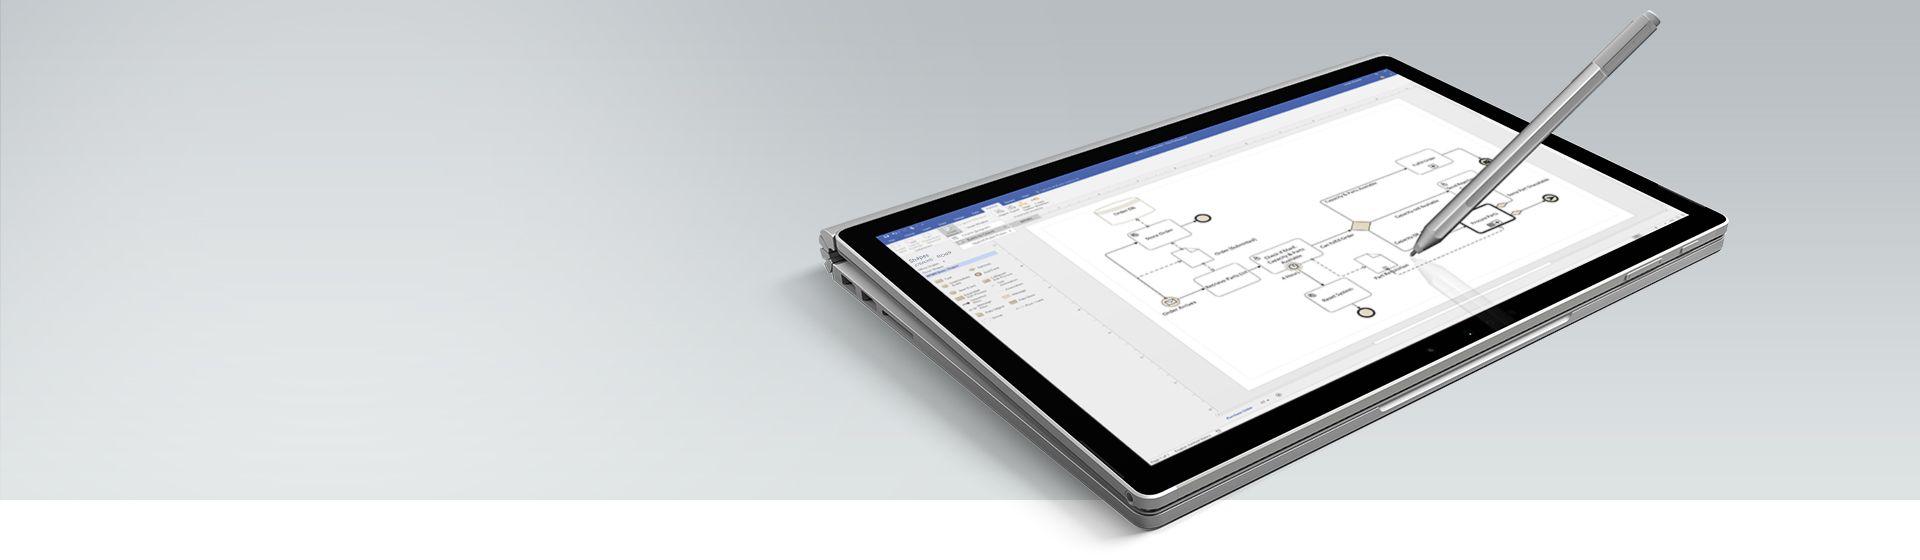 Ein Surface-Tablet mit einem Ablaufdiagramm in Visio